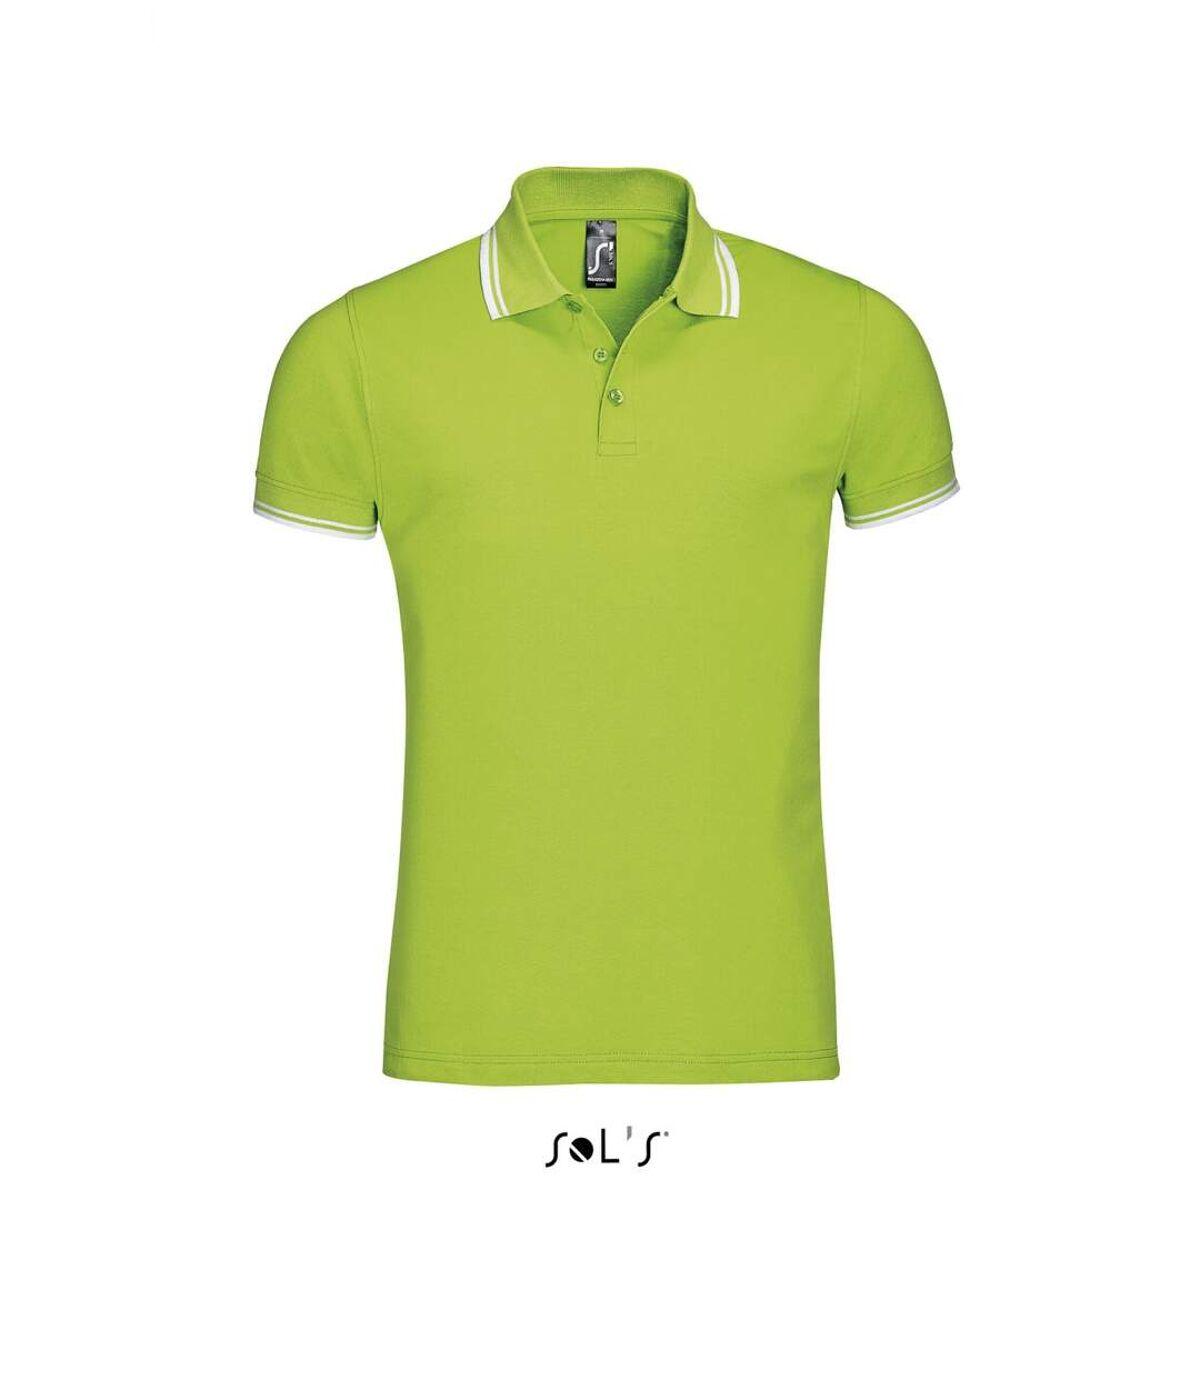 Polo homme coton - 00577 - vert lime et bande blanche